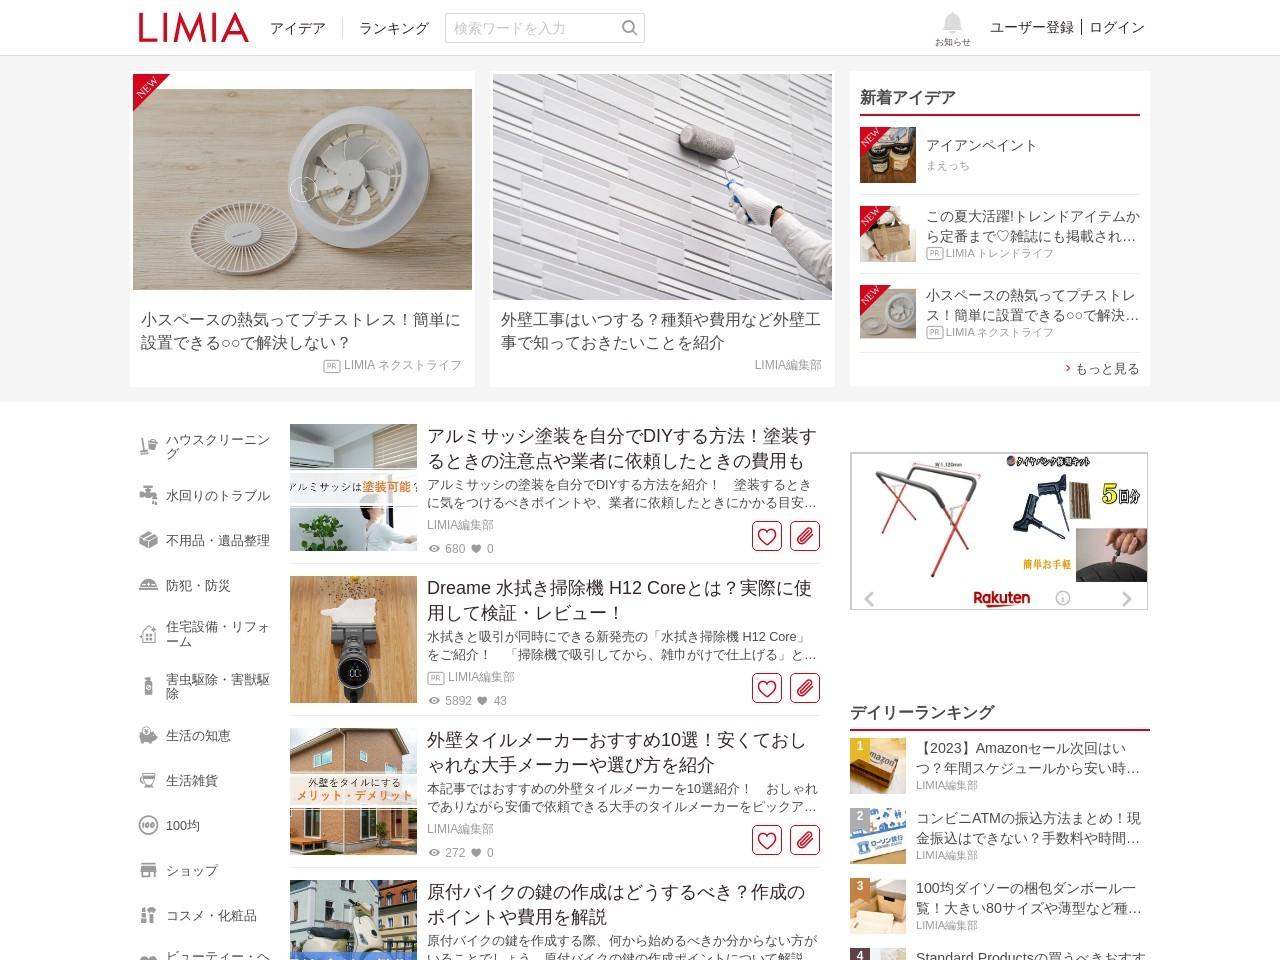 アイランドキッチンの設計→設置までを動画で紹介&CADデータ紹介 LIMIA (リミア)